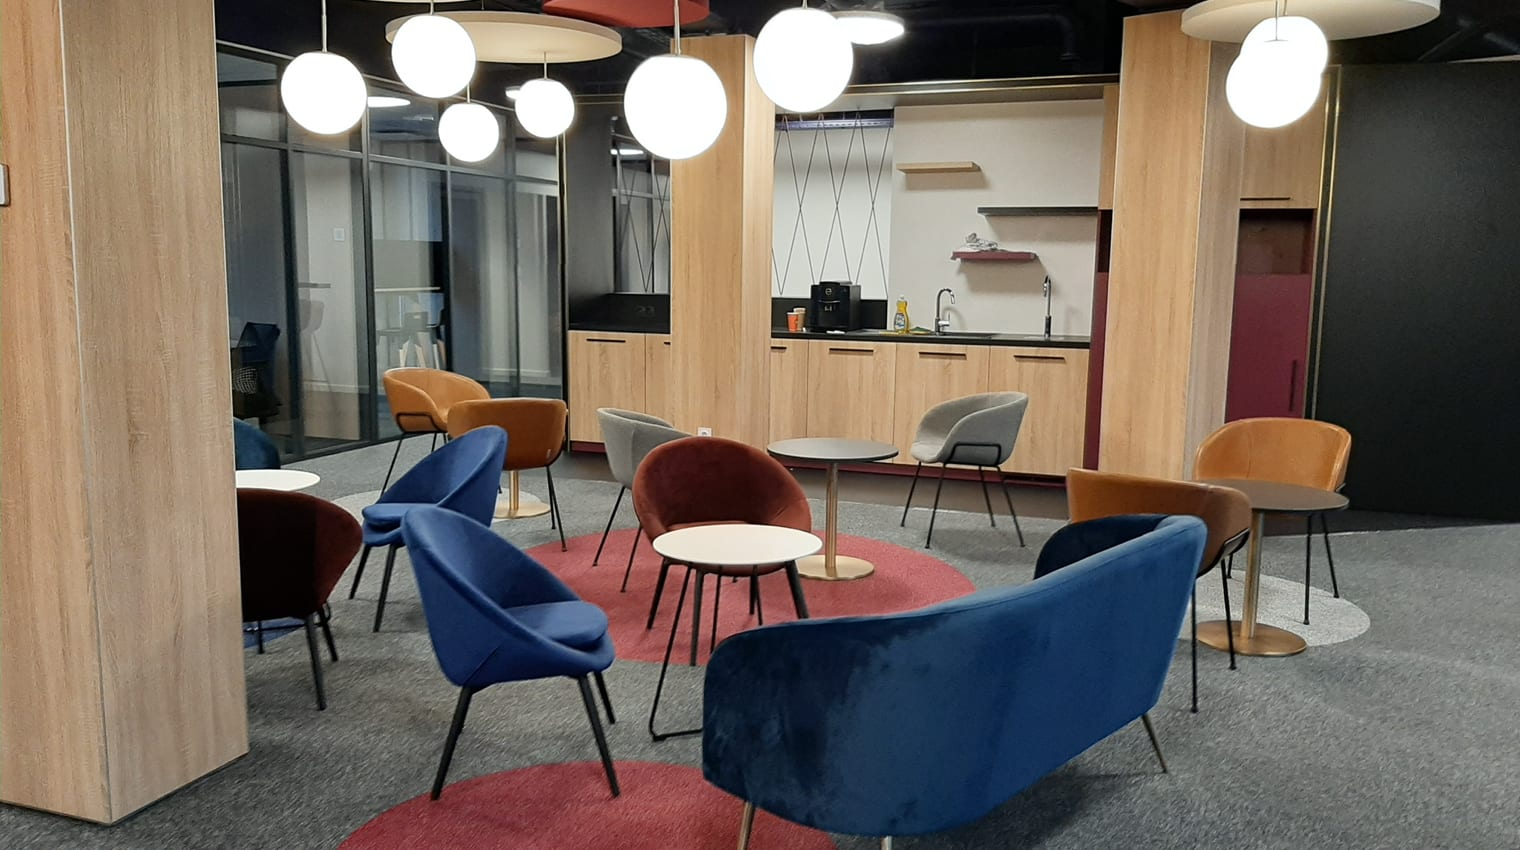 Un cadre motivant dans ce business center qui saura augmenter votre productivité, nous nous occupons du reste.